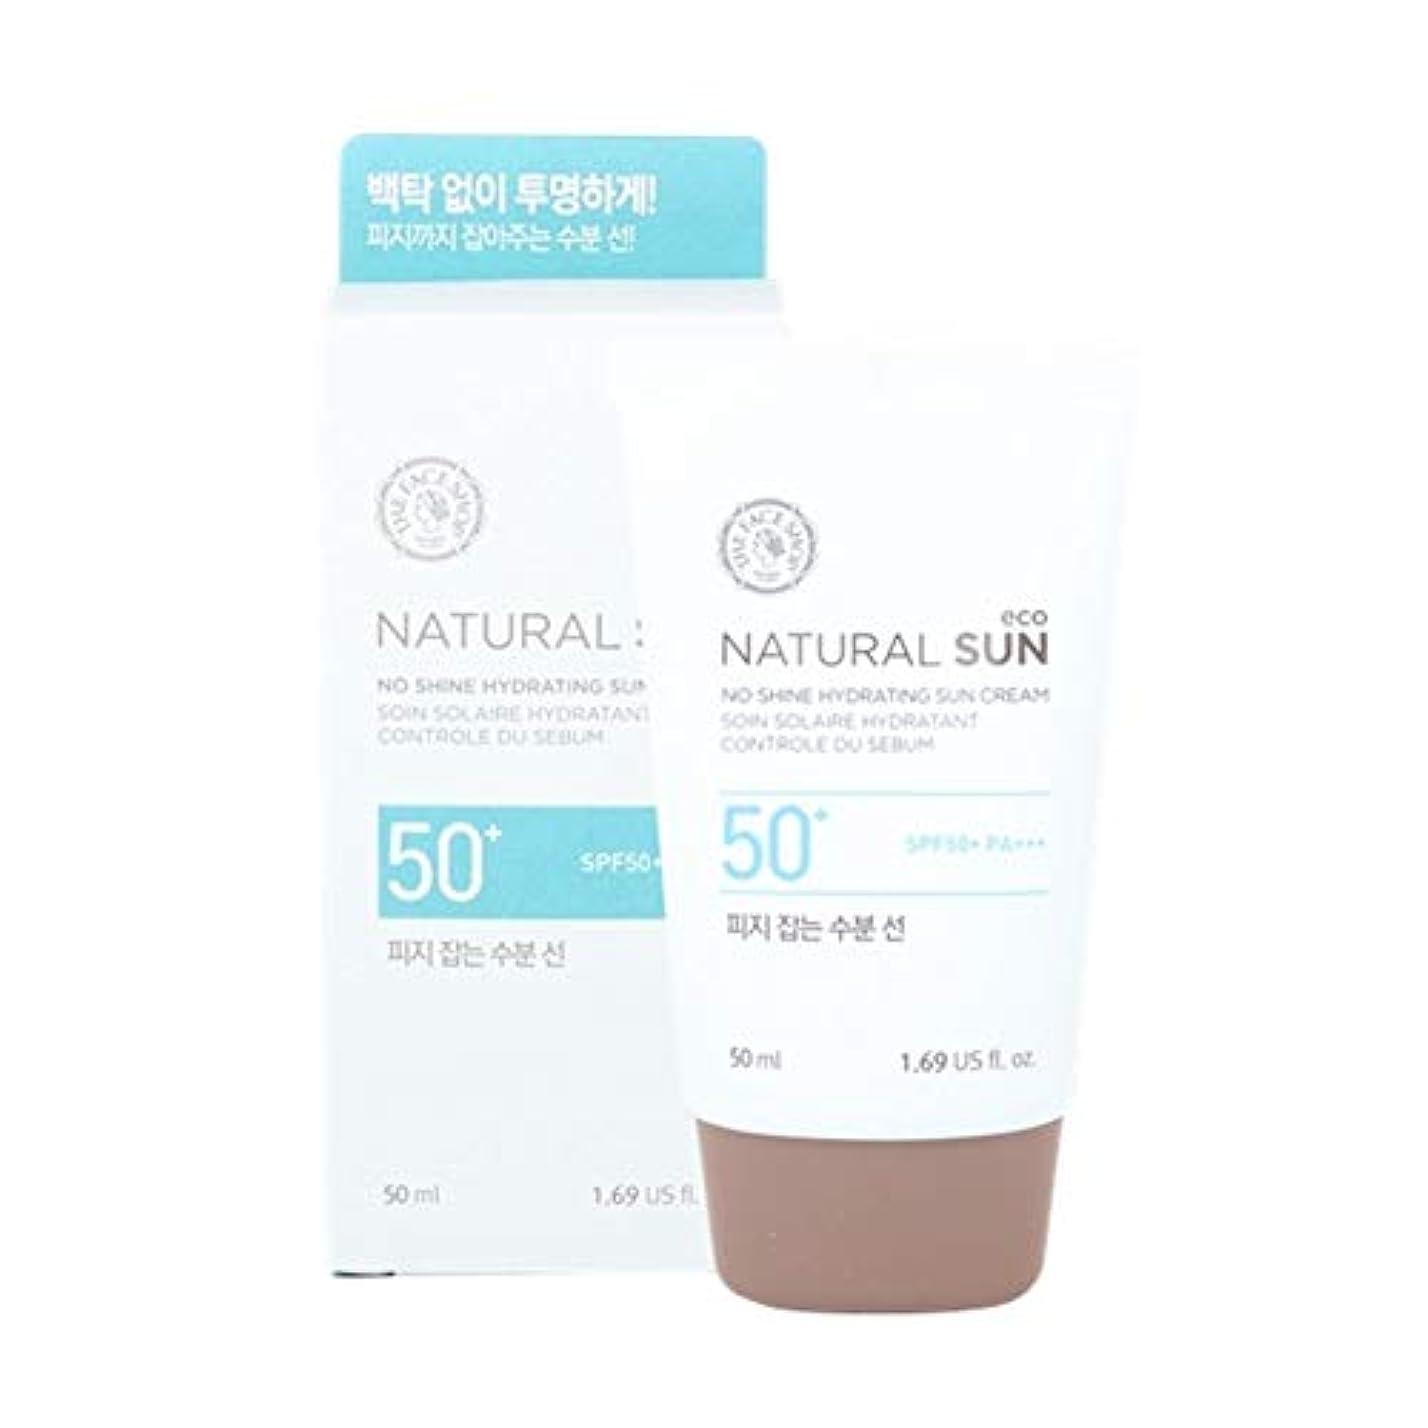 パプアニューギニア燃料月ザ?フェイスショップネチュロルソンエコフィジーサン?クリームSPF50+PA+++50ml x 2本セット韓国コスメ、The Face Shop Natural Sun Eco No Shine Hydrating Sun...